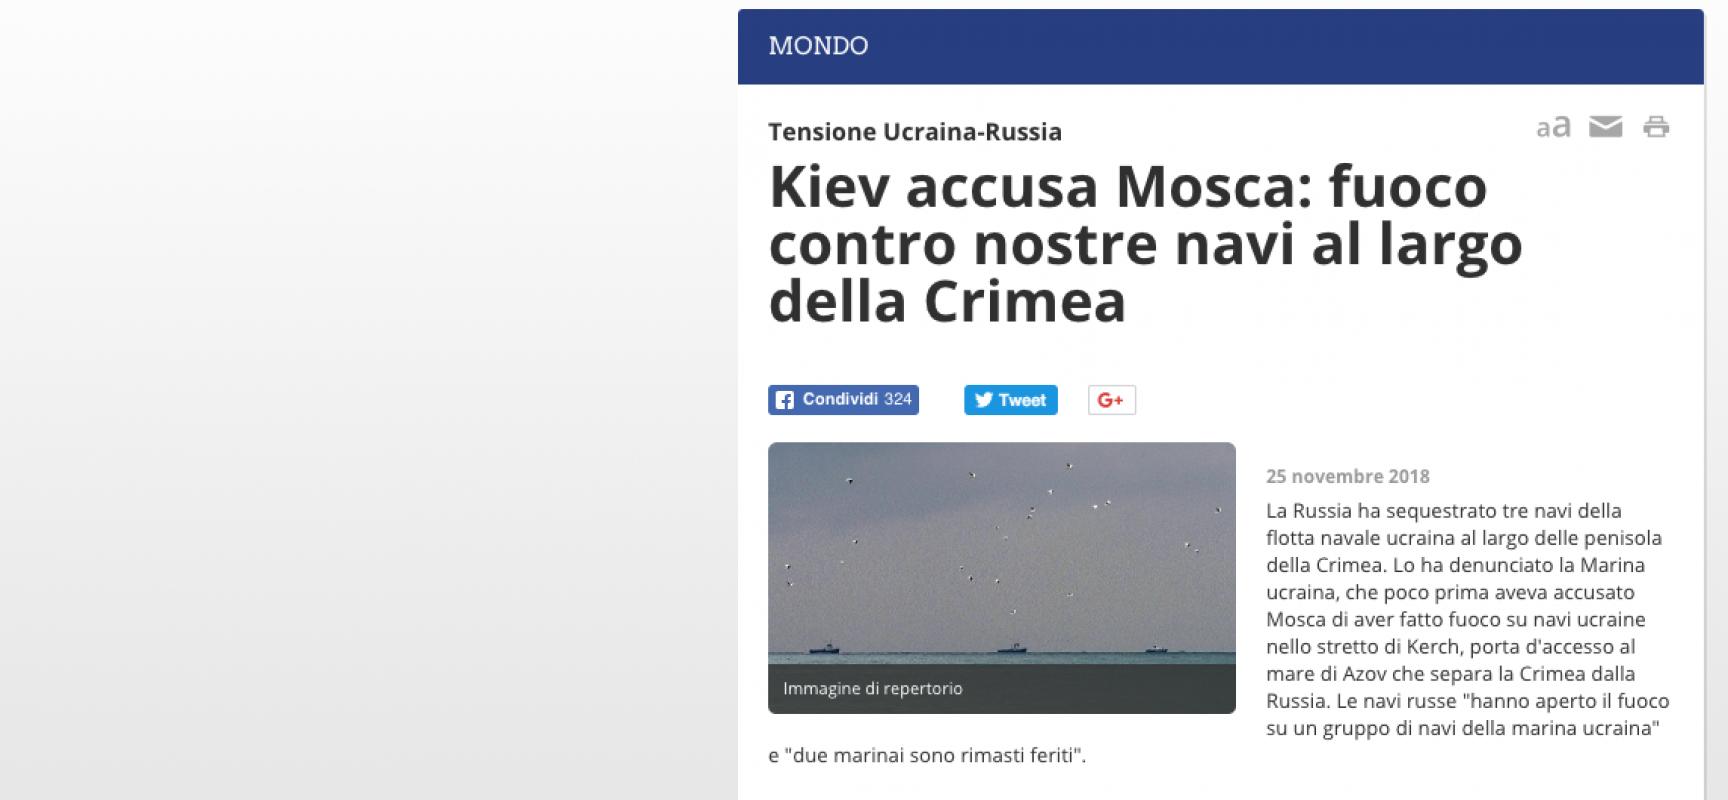 Fake: Rainews24, Mariupol città della repubblica filo russa di donetsk